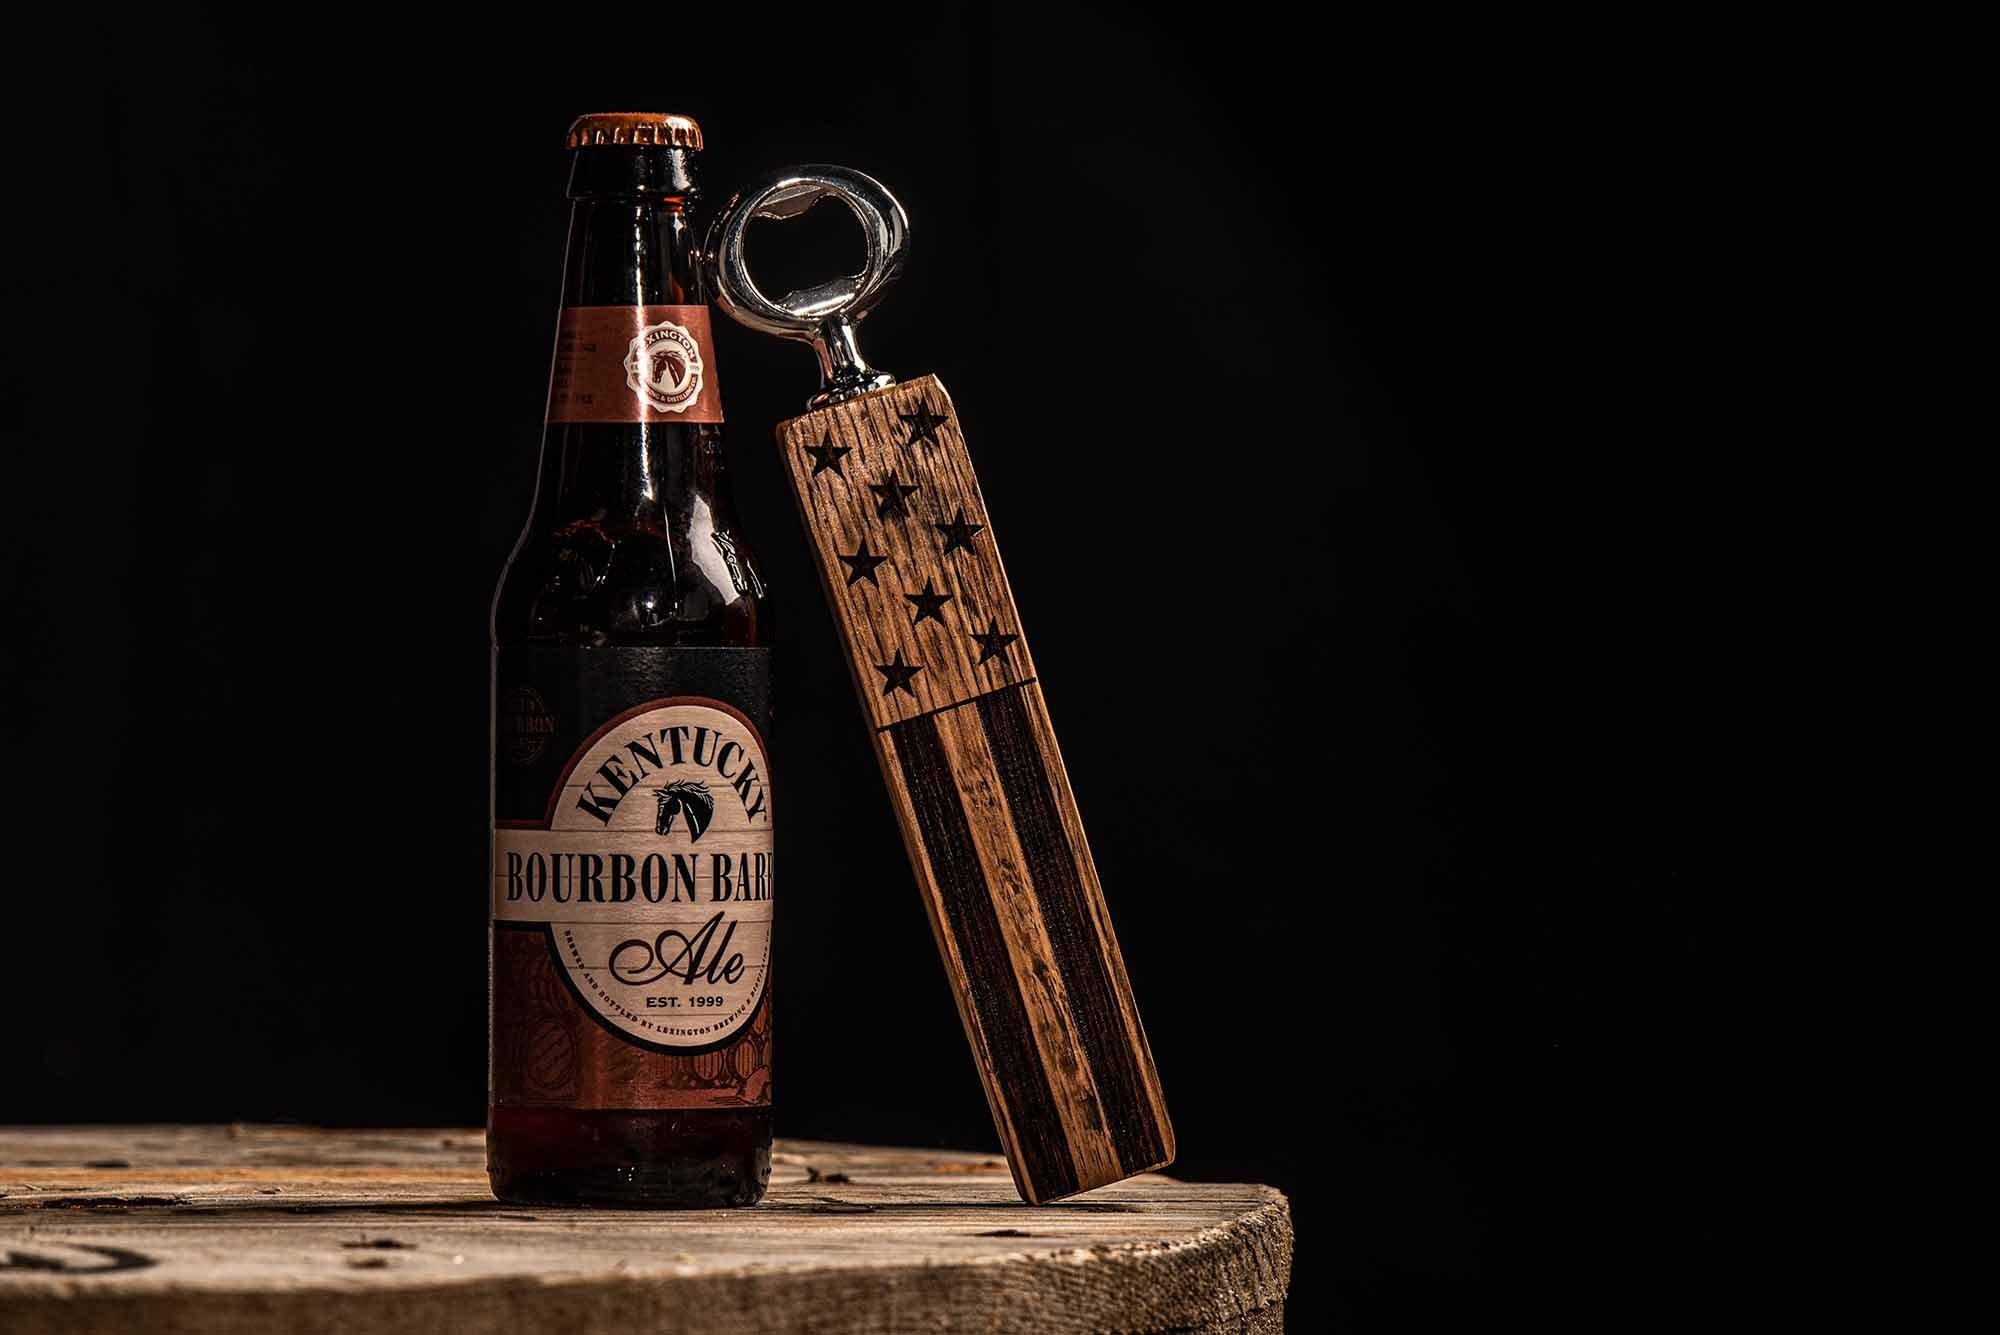 The Freedom Bourbon Barrel Bottle Opener